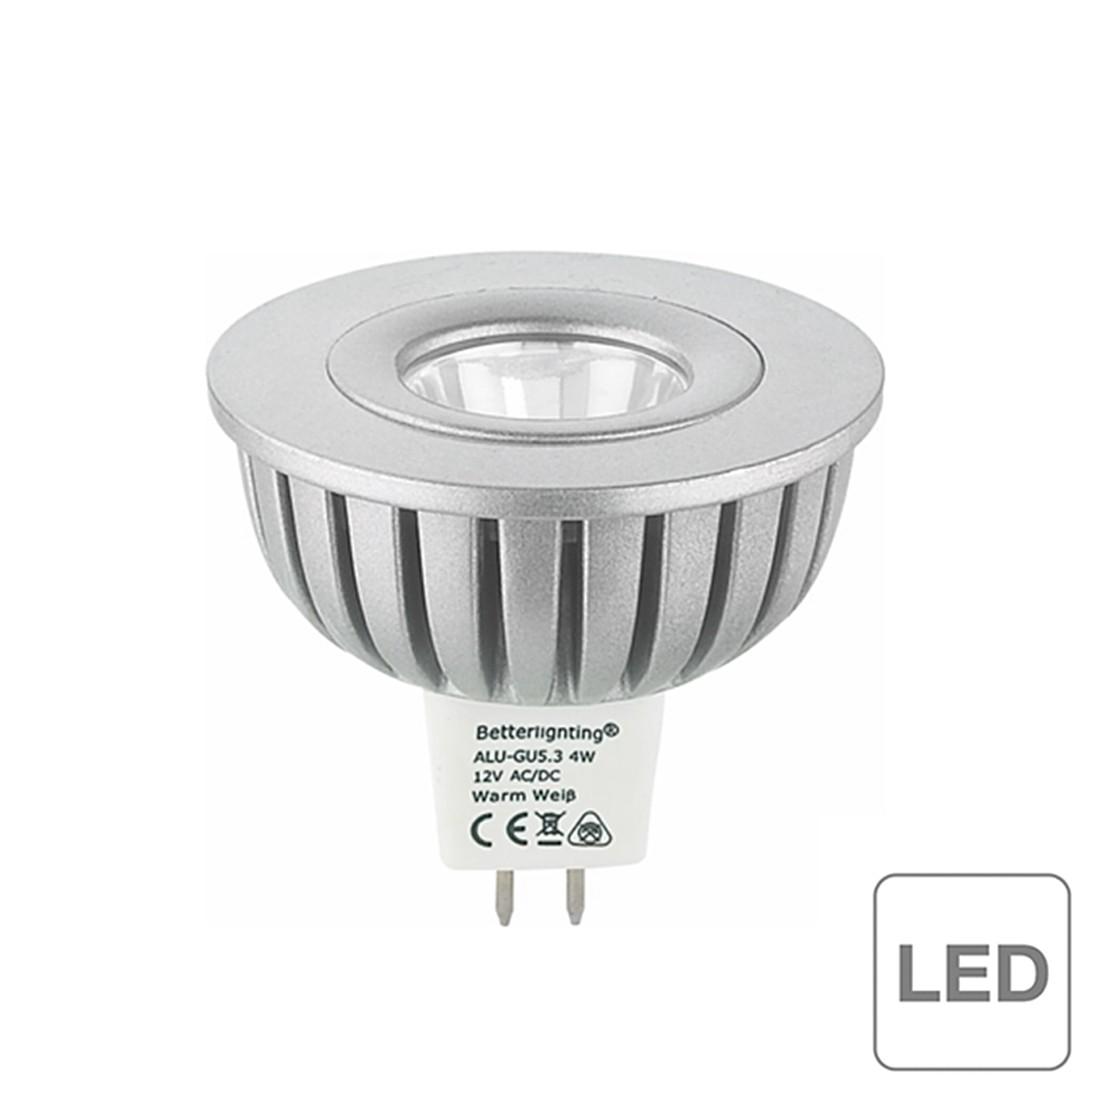 Leuchtmittel LED ALU-Spot- GU5.3- 4-4W (6er Set) ● 1-flammig- Btr A+